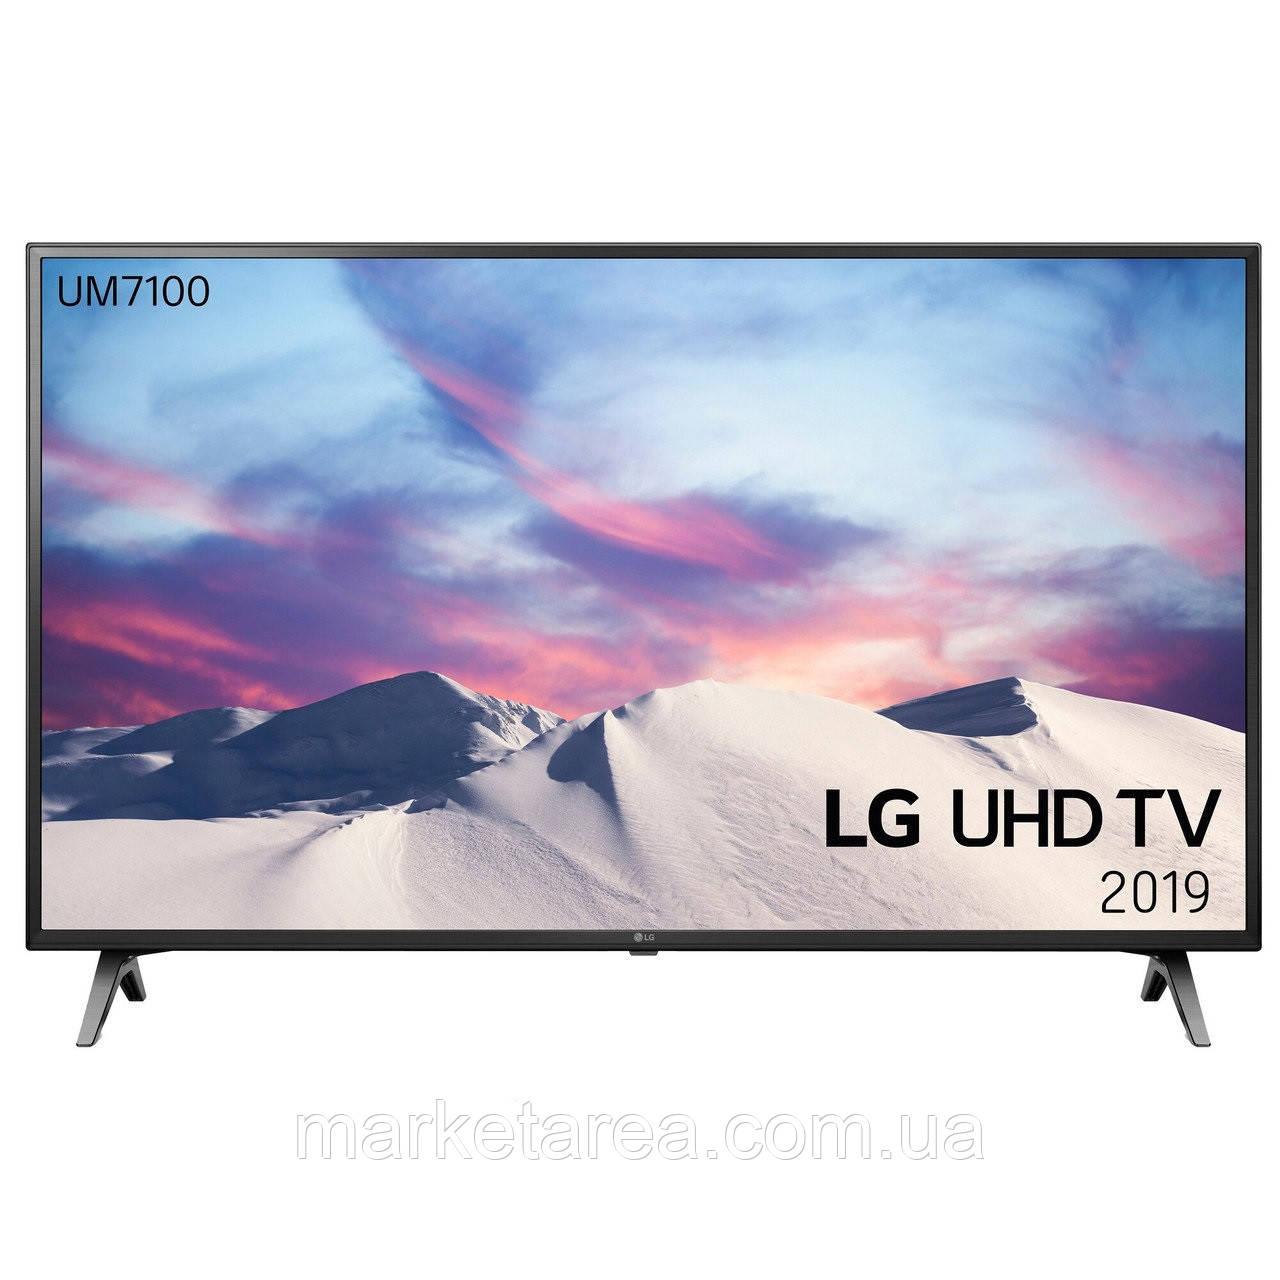 Телевизор LG 55UM7100 лж 55 дюйма 4К черный со смарт тв LG 55UM7100